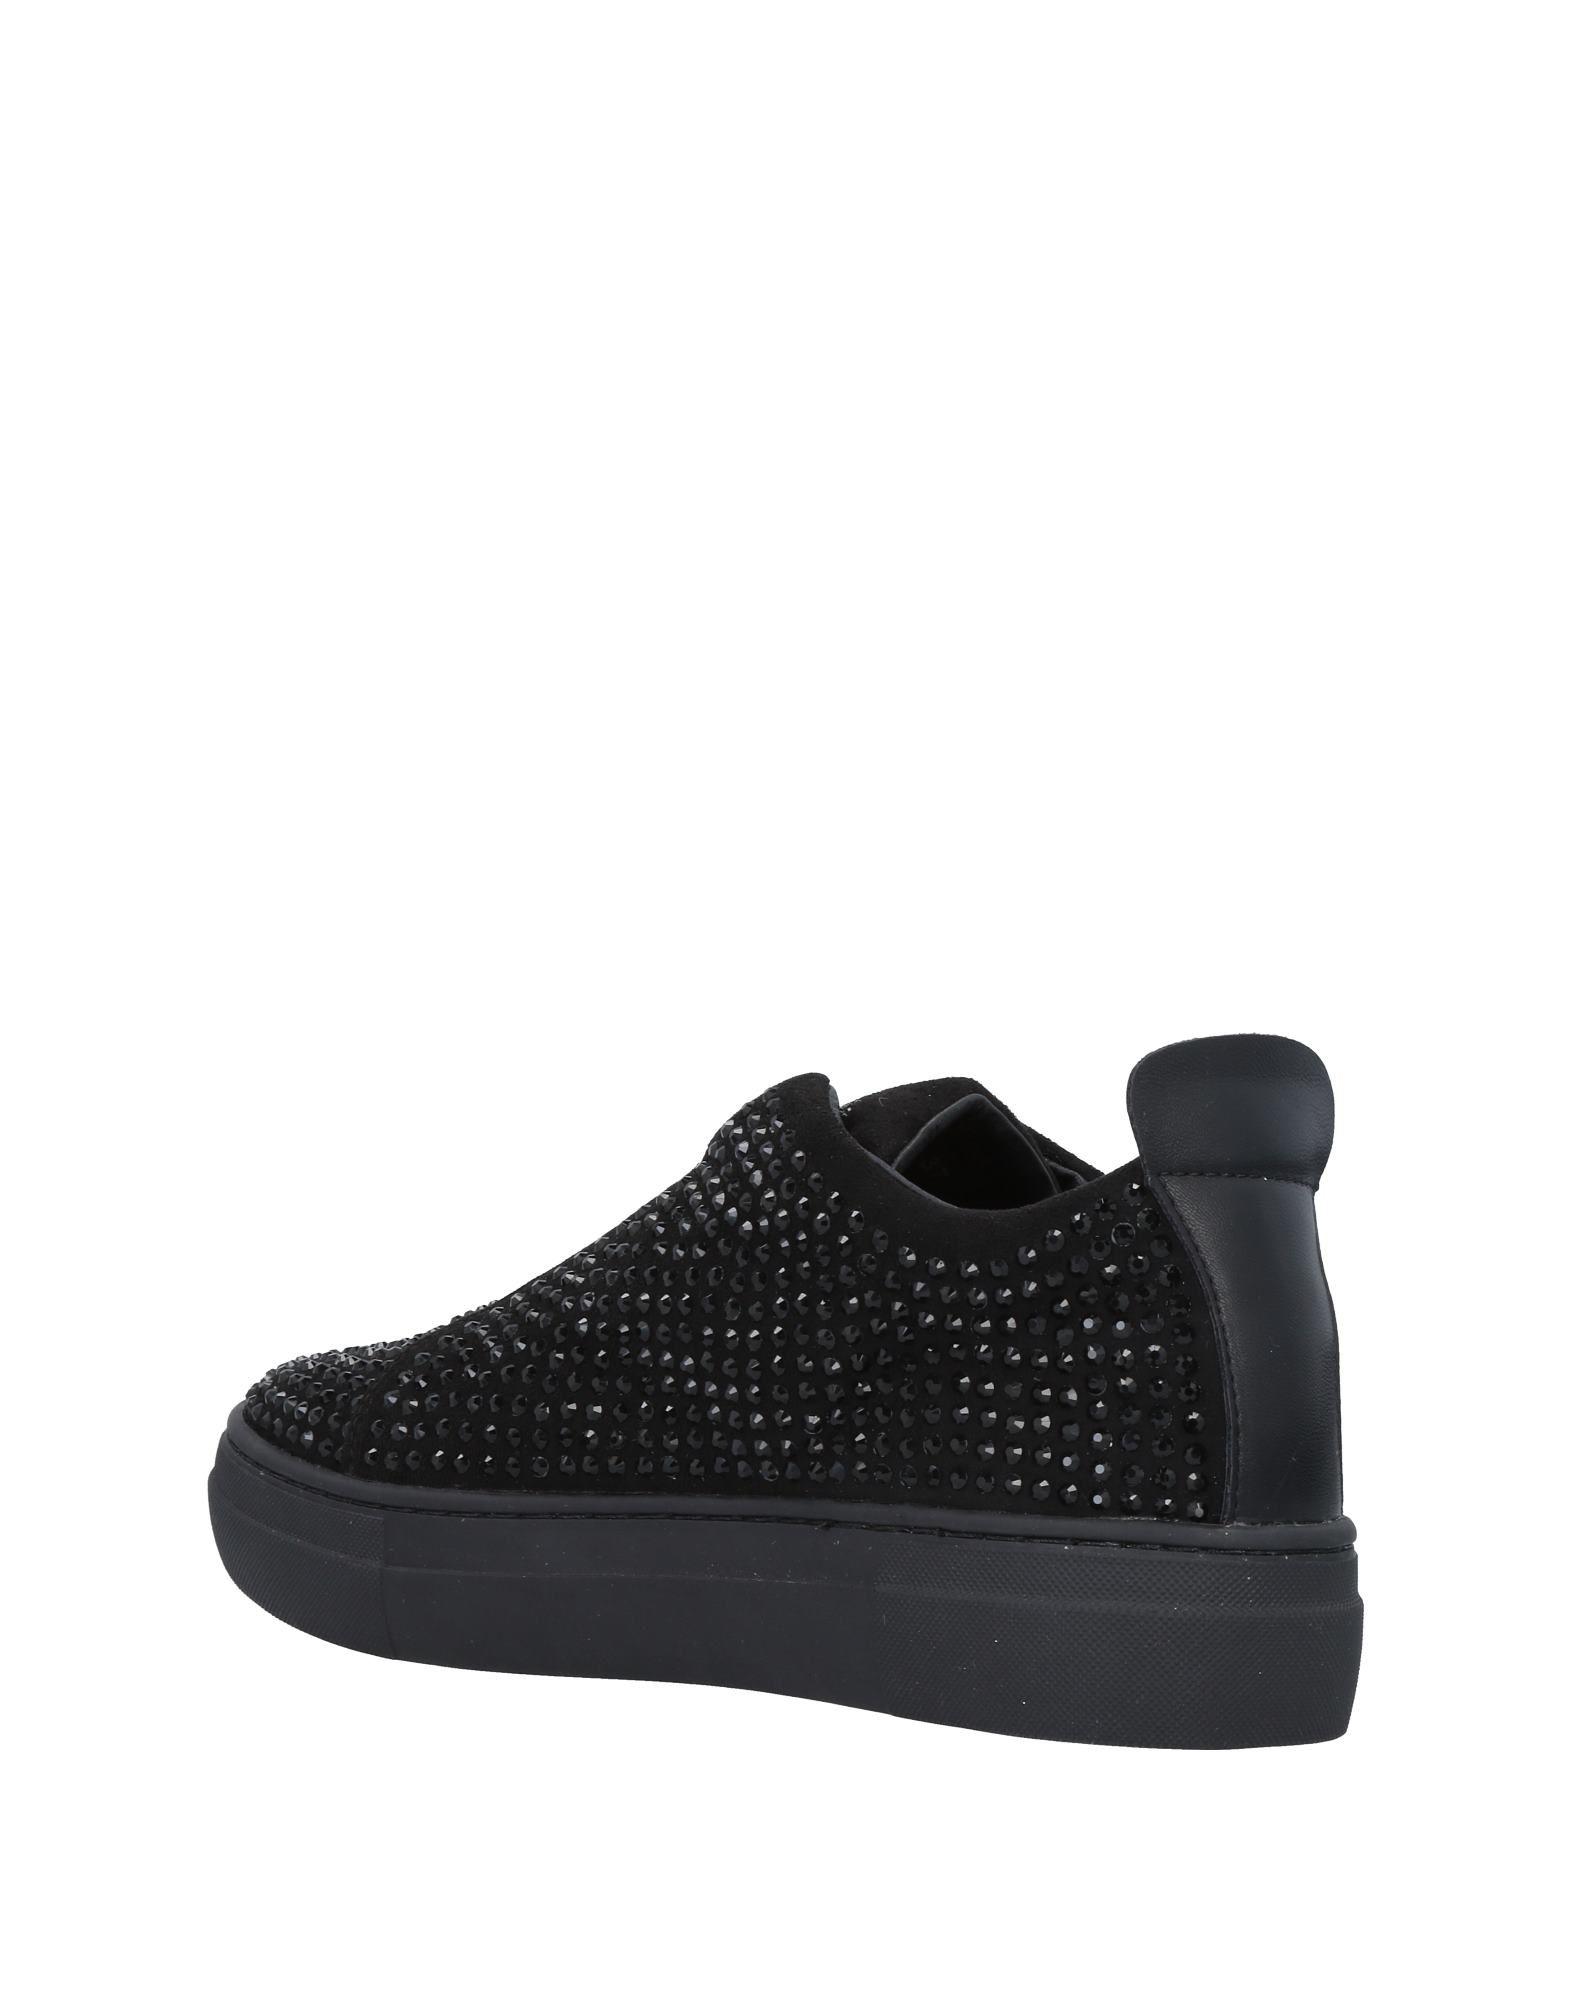 Cafènoir Sneakers Damen beliebte  11478250WT Gute Qualität beliebte Damen Schuhe f61842